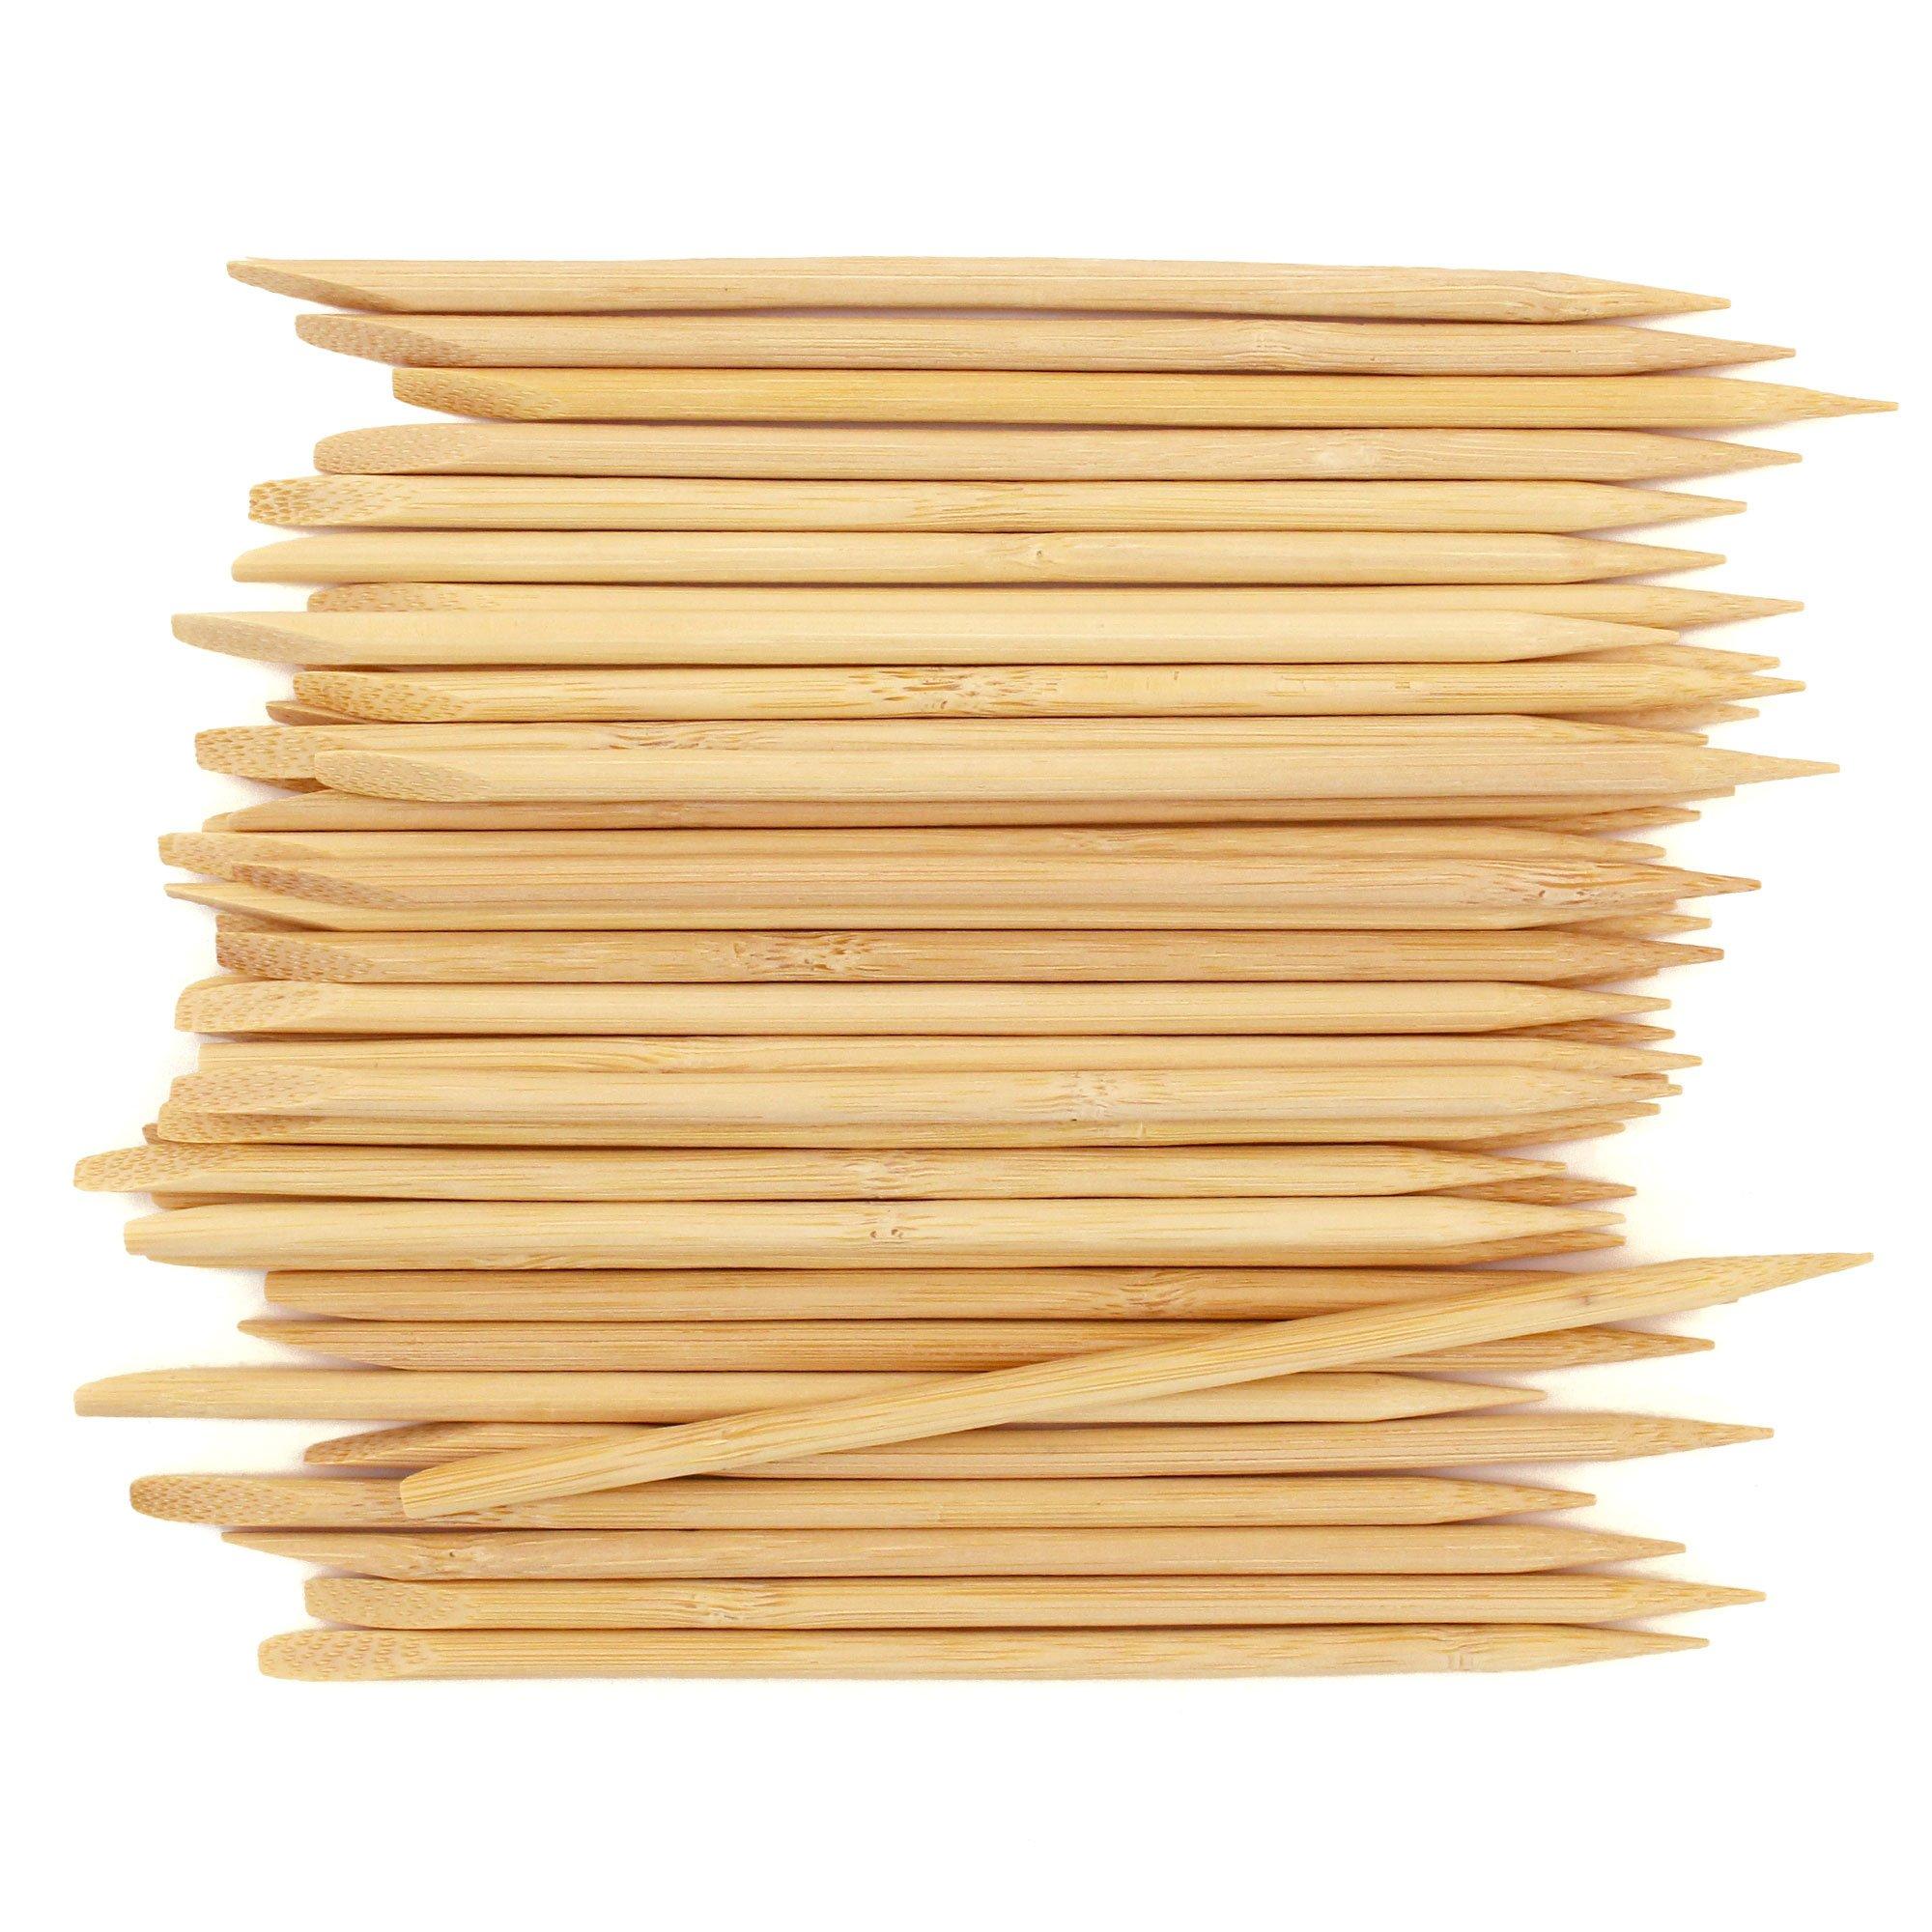 Cheap Bamboo Decor Sticks, find Bamboo Decor Sticks deals on line at ...